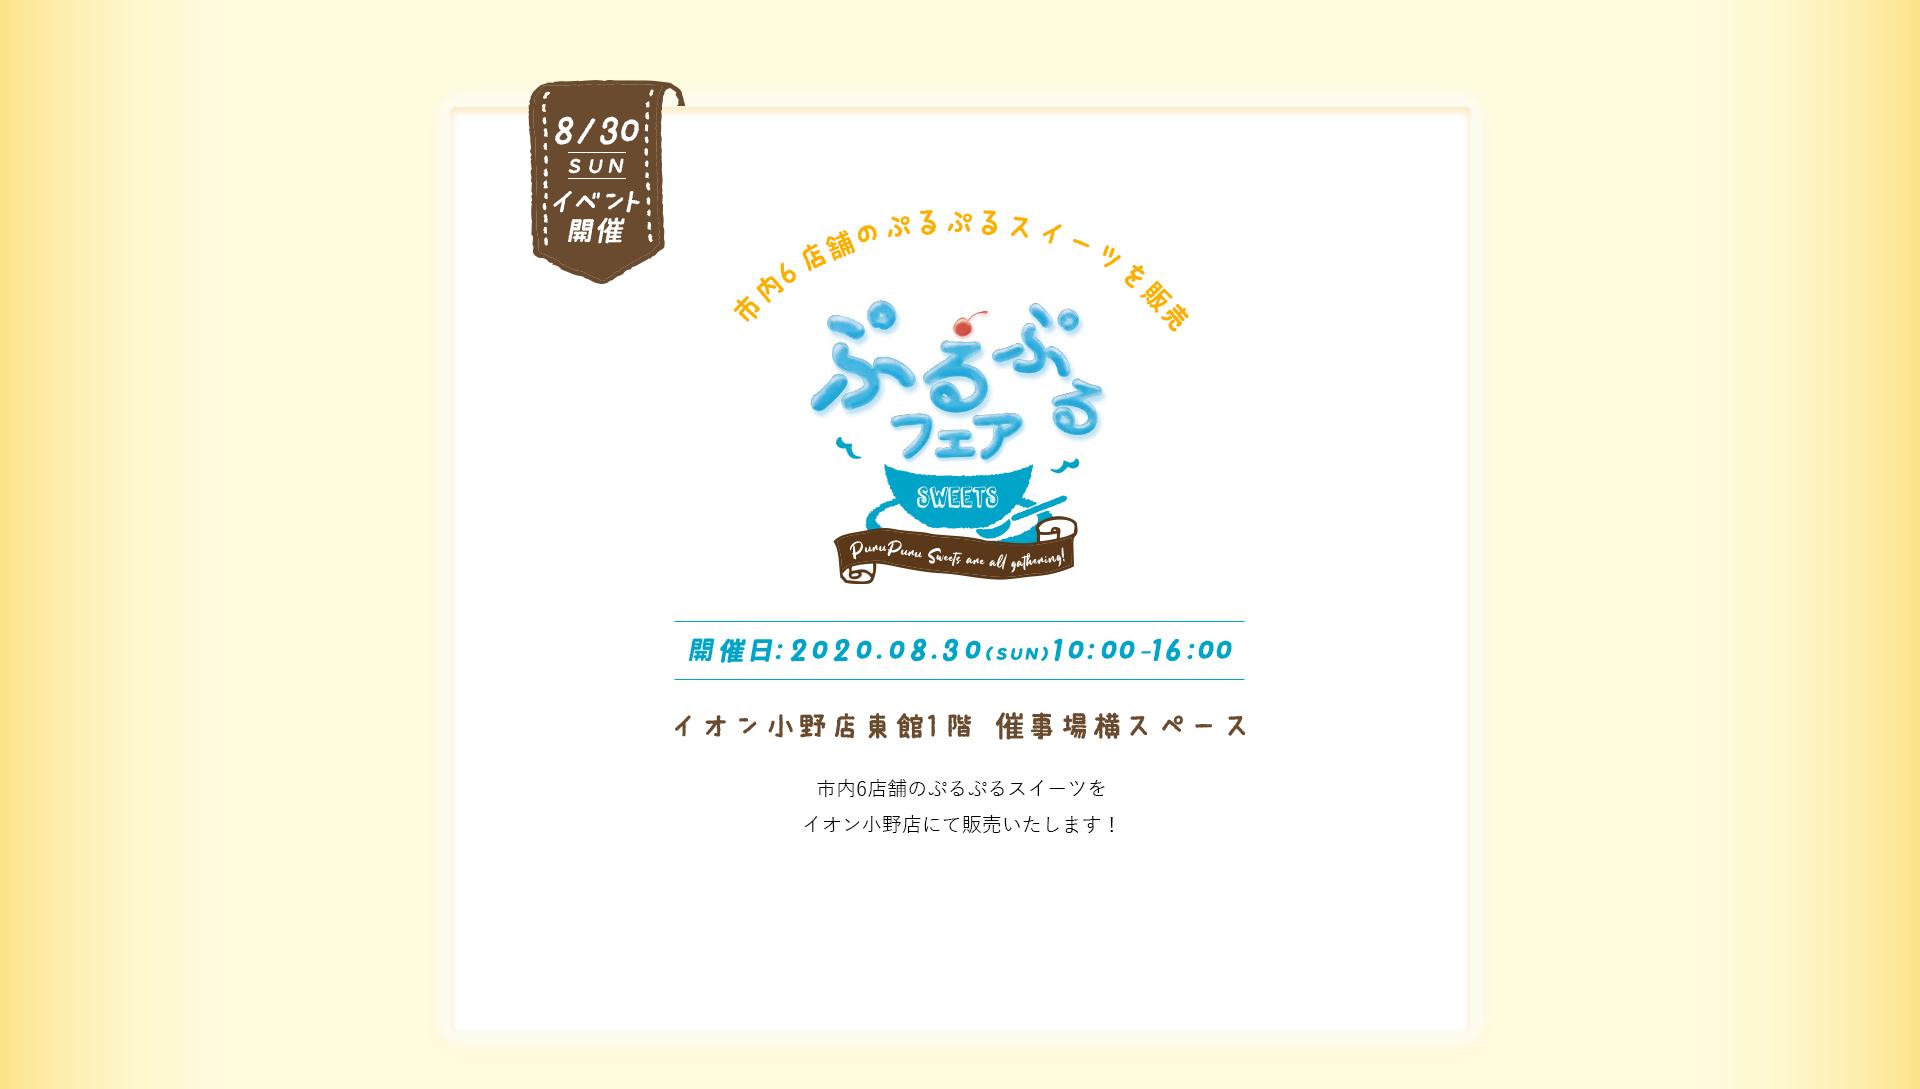 イベント開催 8/30(SUN)10:00~16:00 イオン小野店東館1階 催事場横スペース 市内6店舗のぷるぷるスイーツを販売